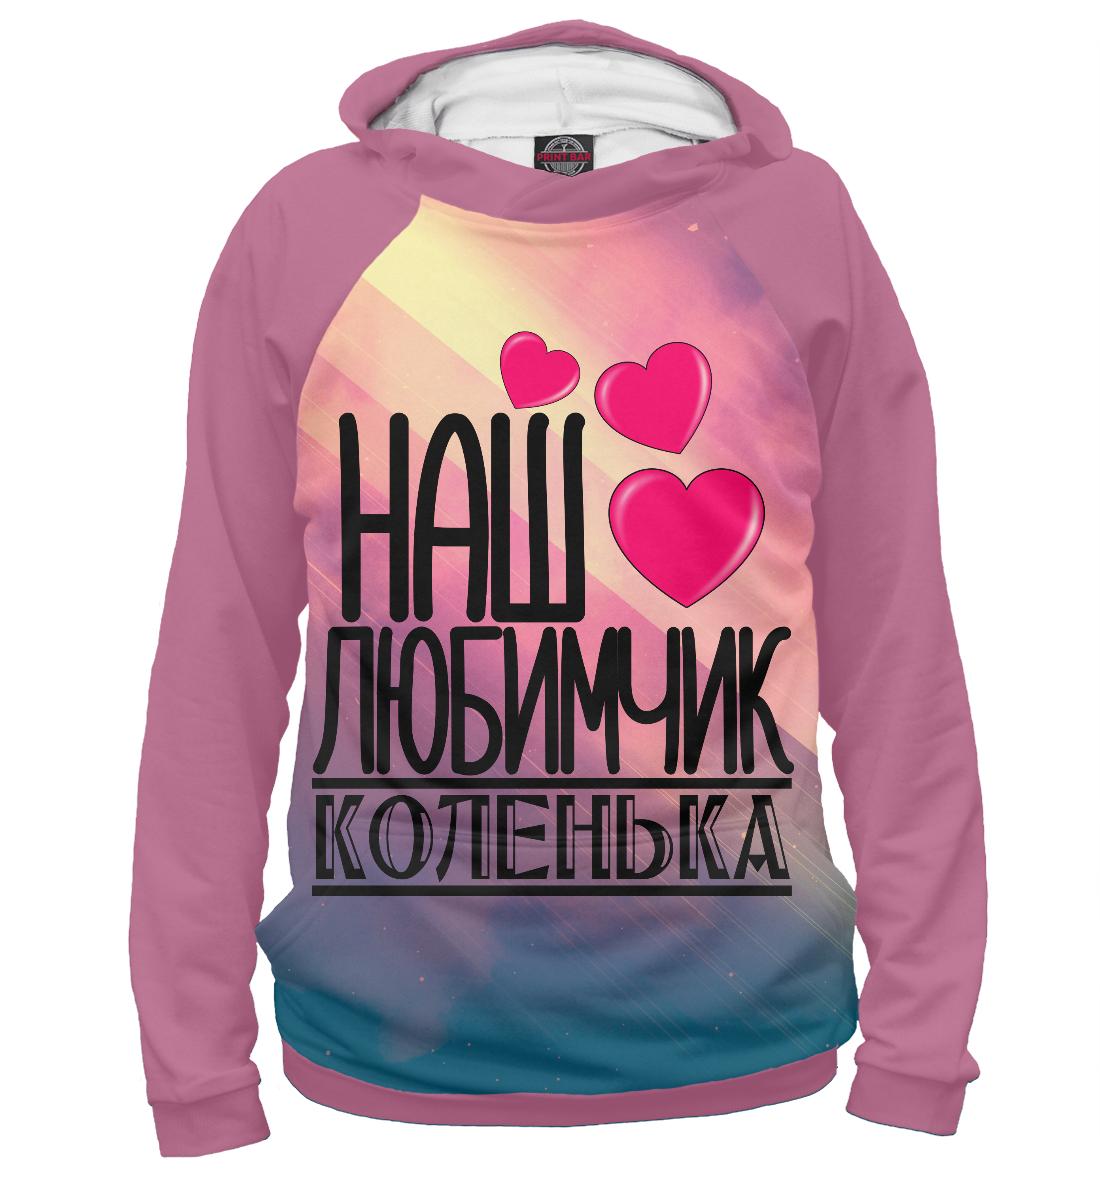 Купить Любимчик Коленька, Printbar, Худи, IMR-898342-hud